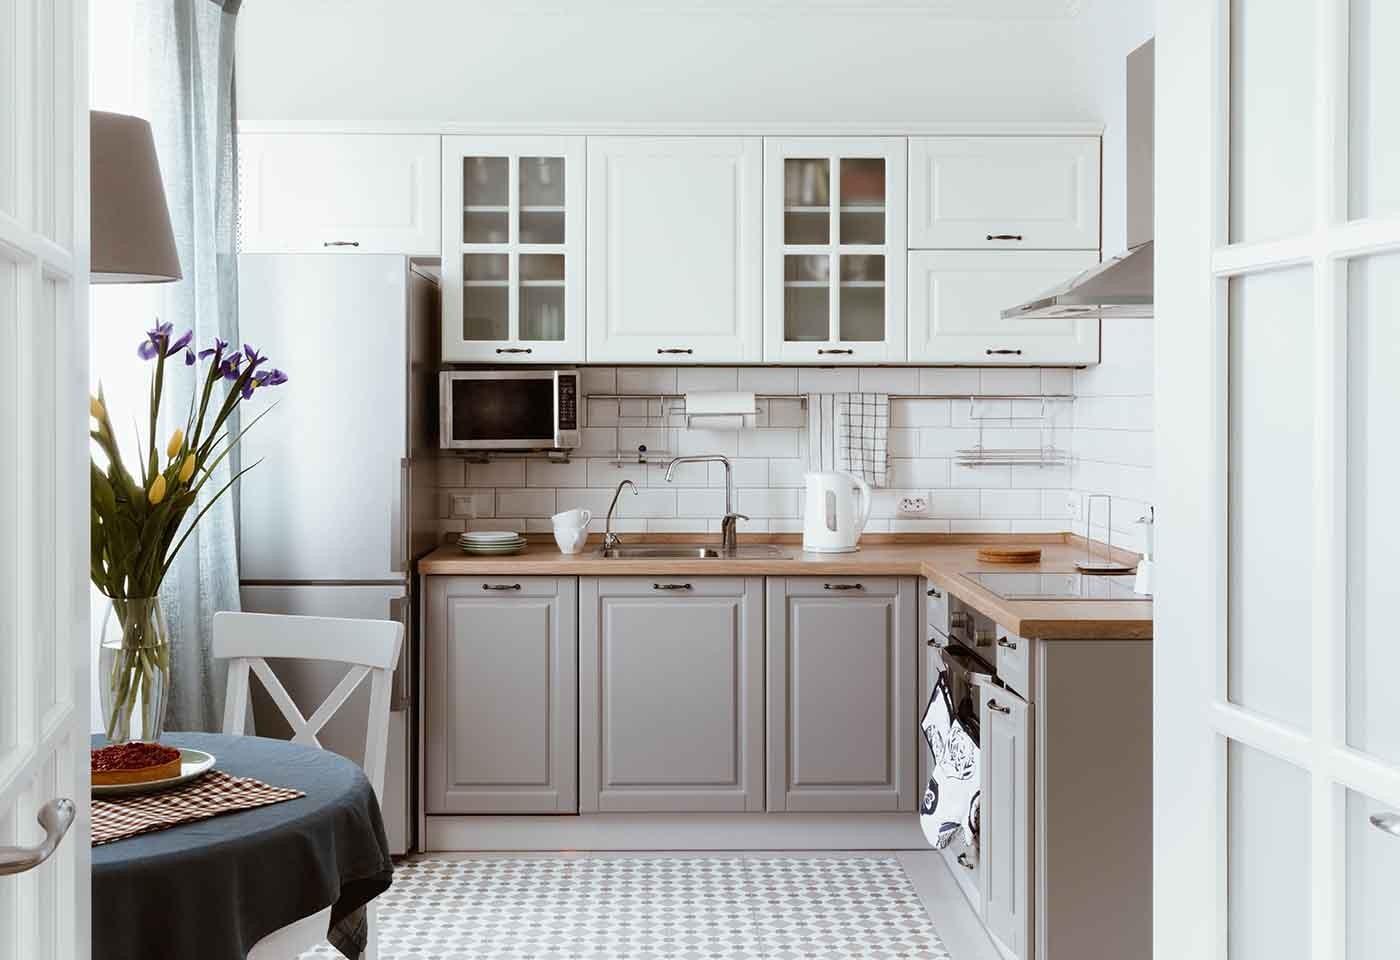 Arredamento Cucina Stile Nordico arredamento in stile nordico moderno: idee e consigli